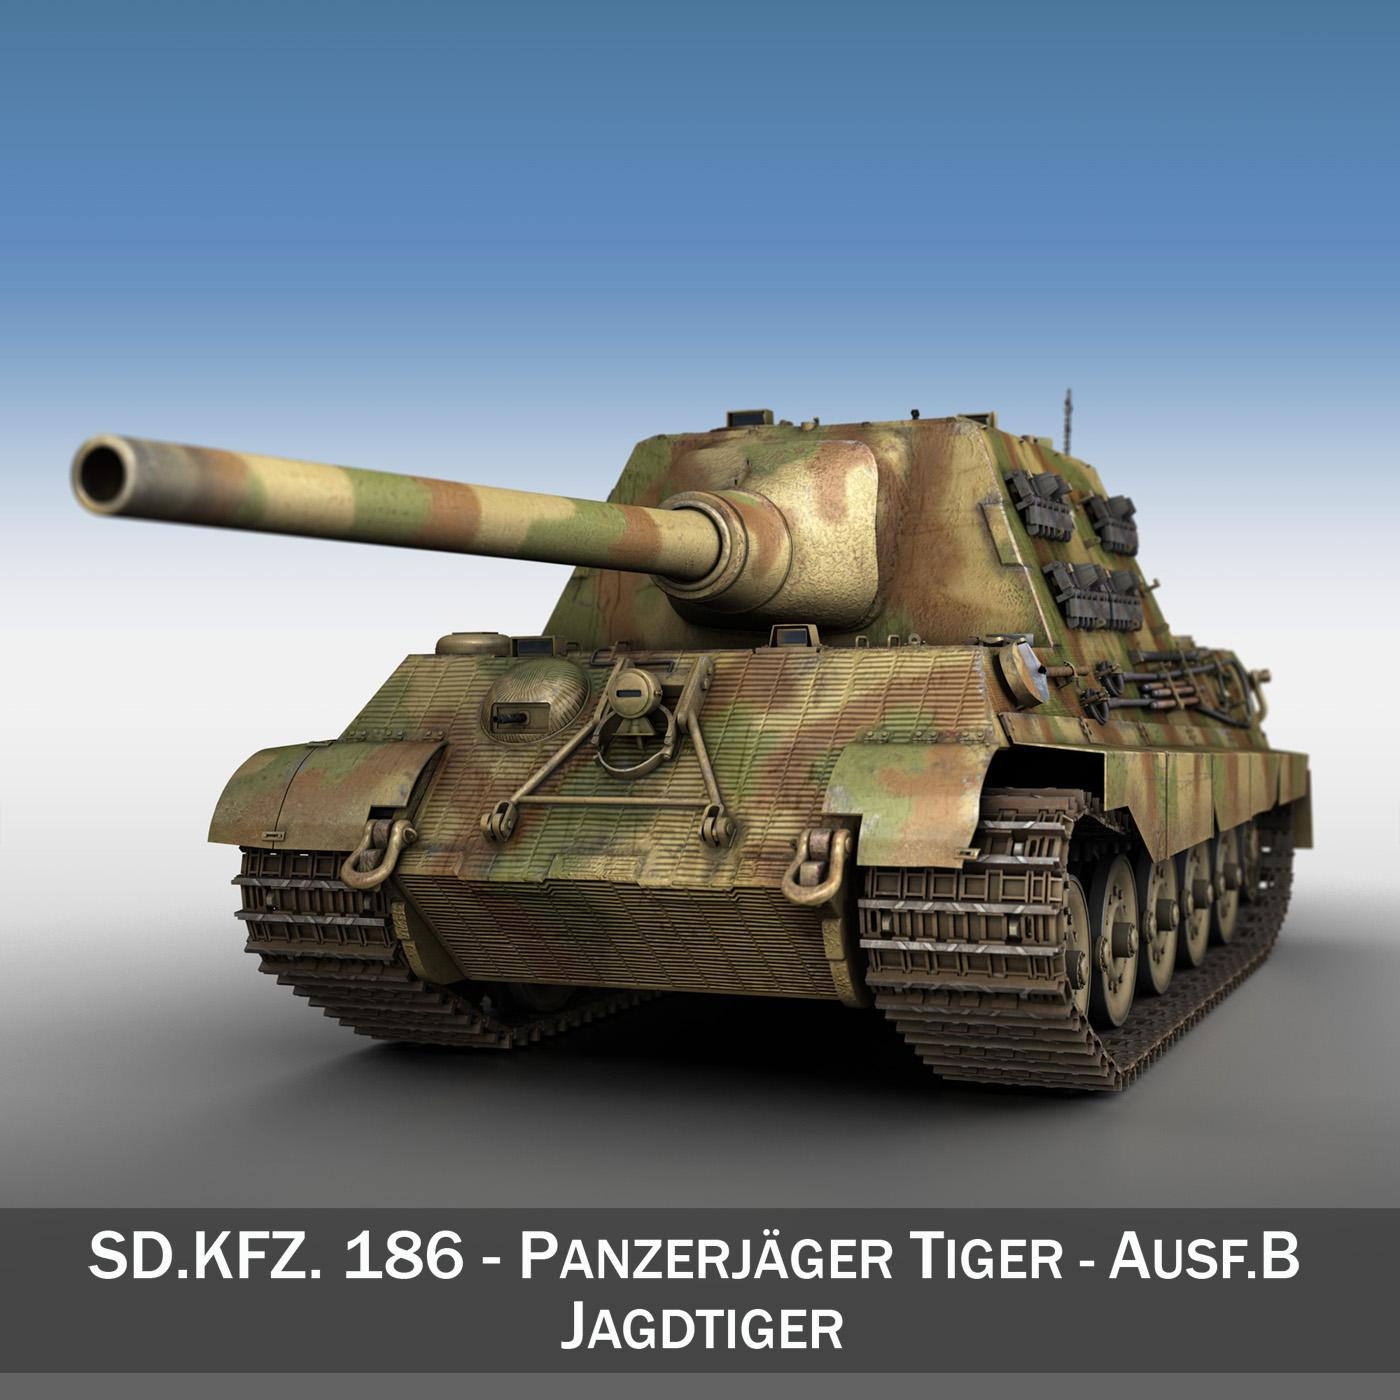 sd.kfz 186 jagdtiger hunting tiger v2 3d model 3ds fbx c4d lwo obj 190017